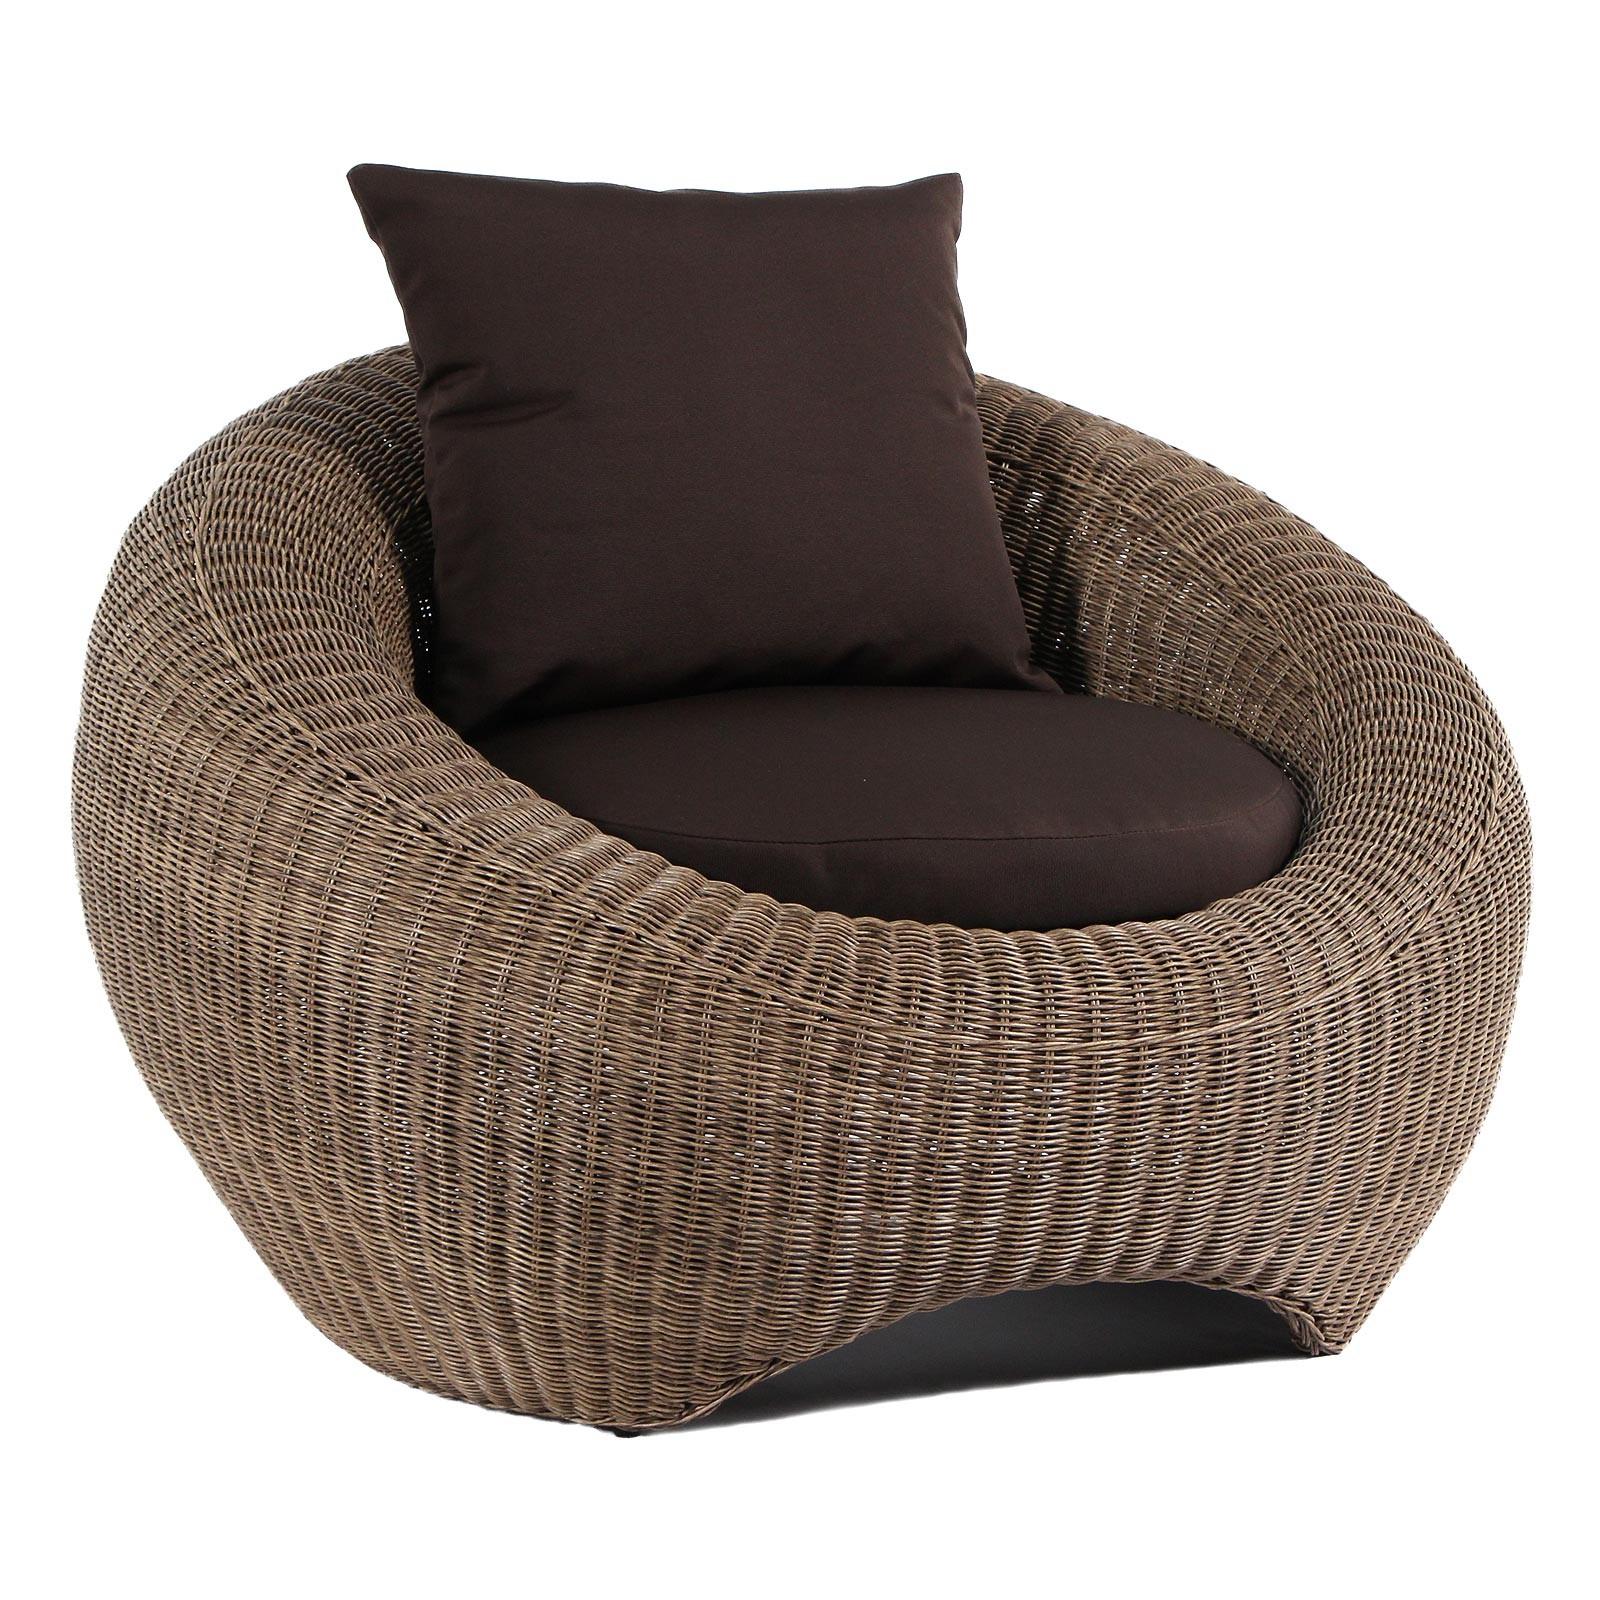 Роскошные современные босоножки для прогулок и отдыха плетеная мебель из ротанга сада диван